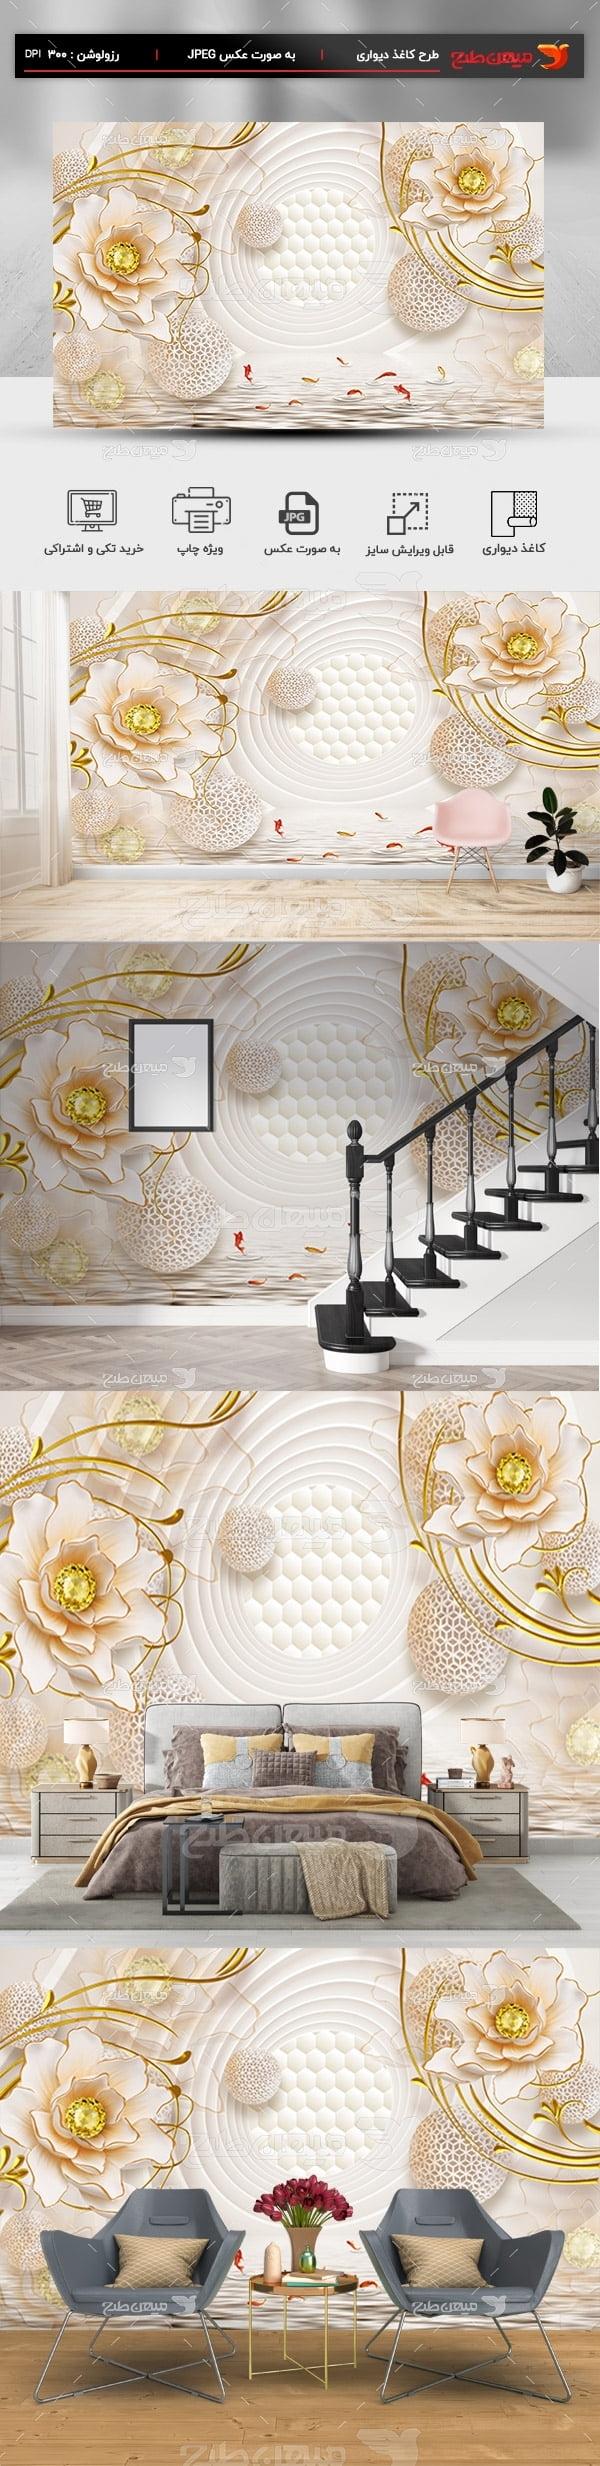 پوستر کاغذ دیواری سه بعدی طرح گل طلایی